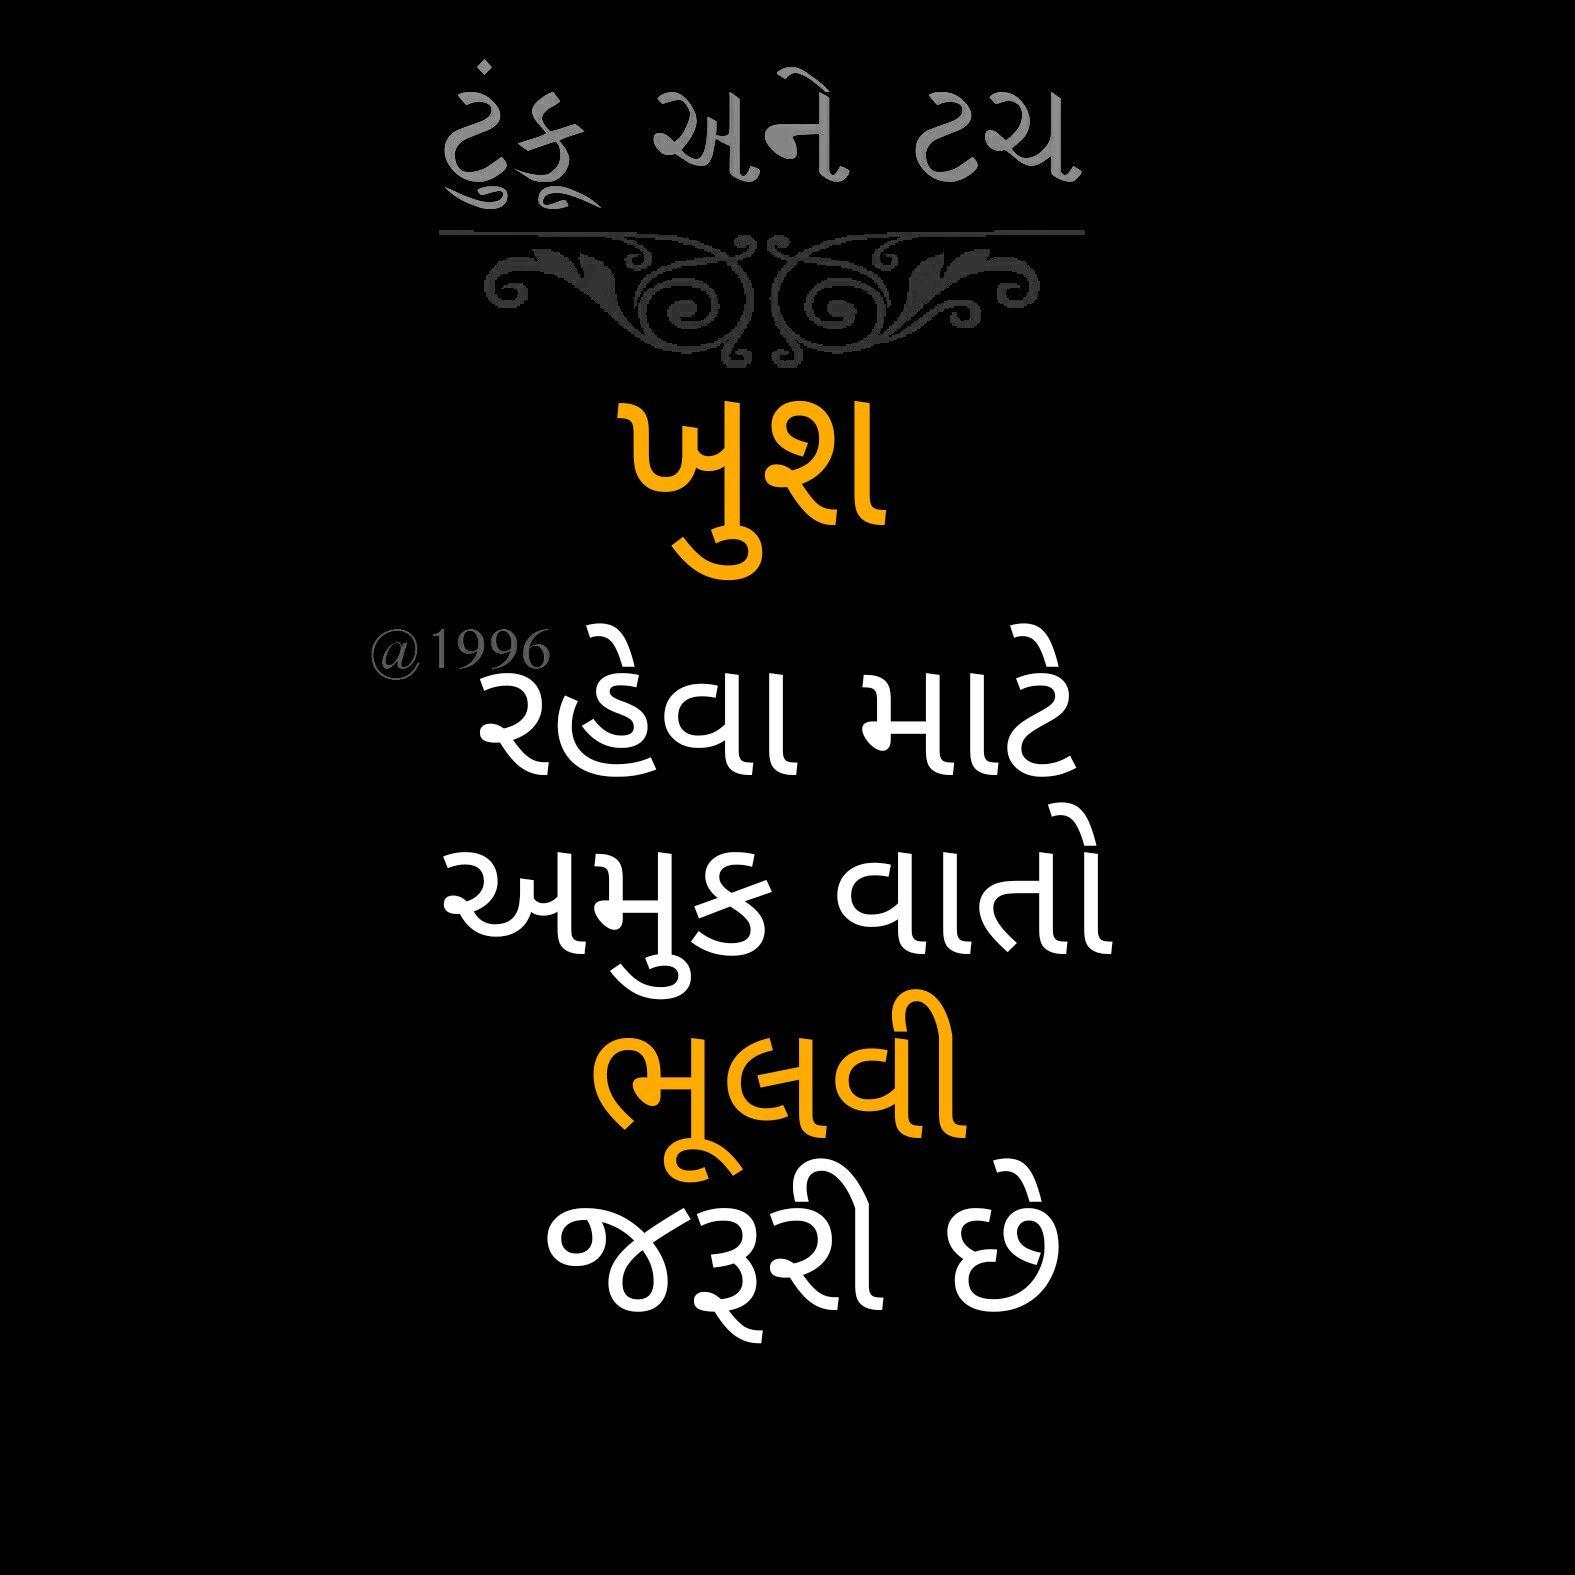 gujarati quotes #gujrati  Gujarati quotes, Daily inspiration